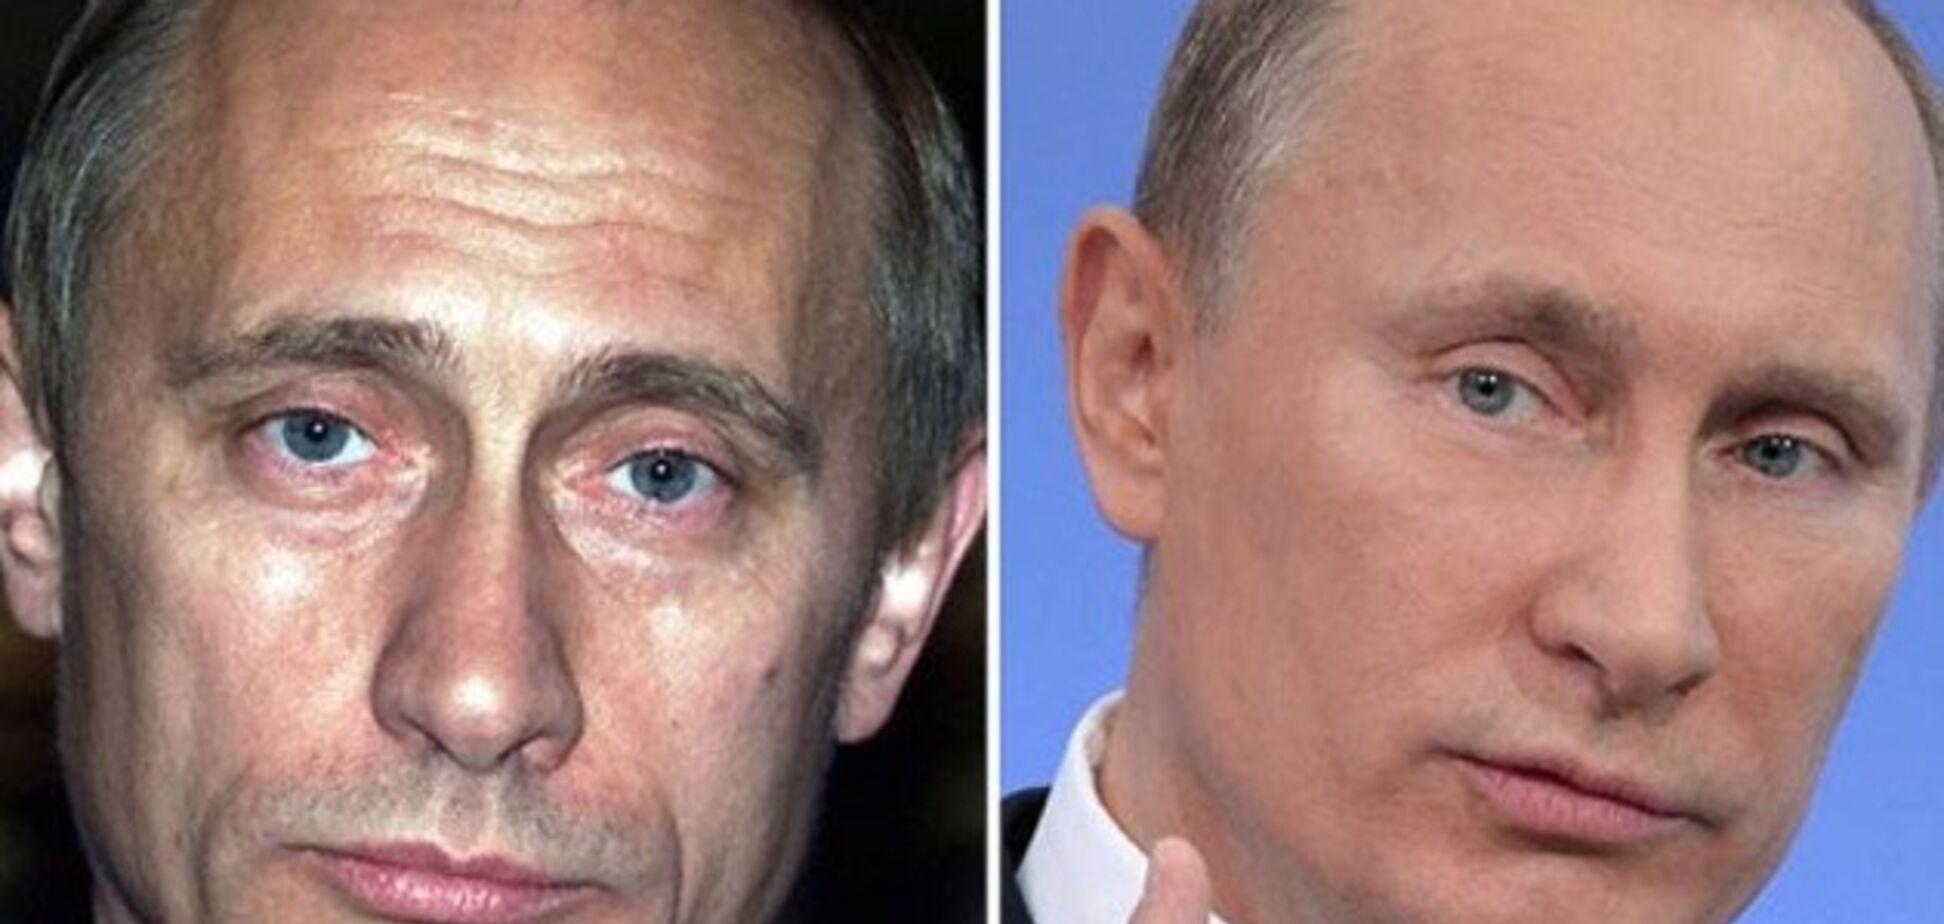 'Один и тот же?' Журналист подметил 'подвох' с 'двойниками' Путина